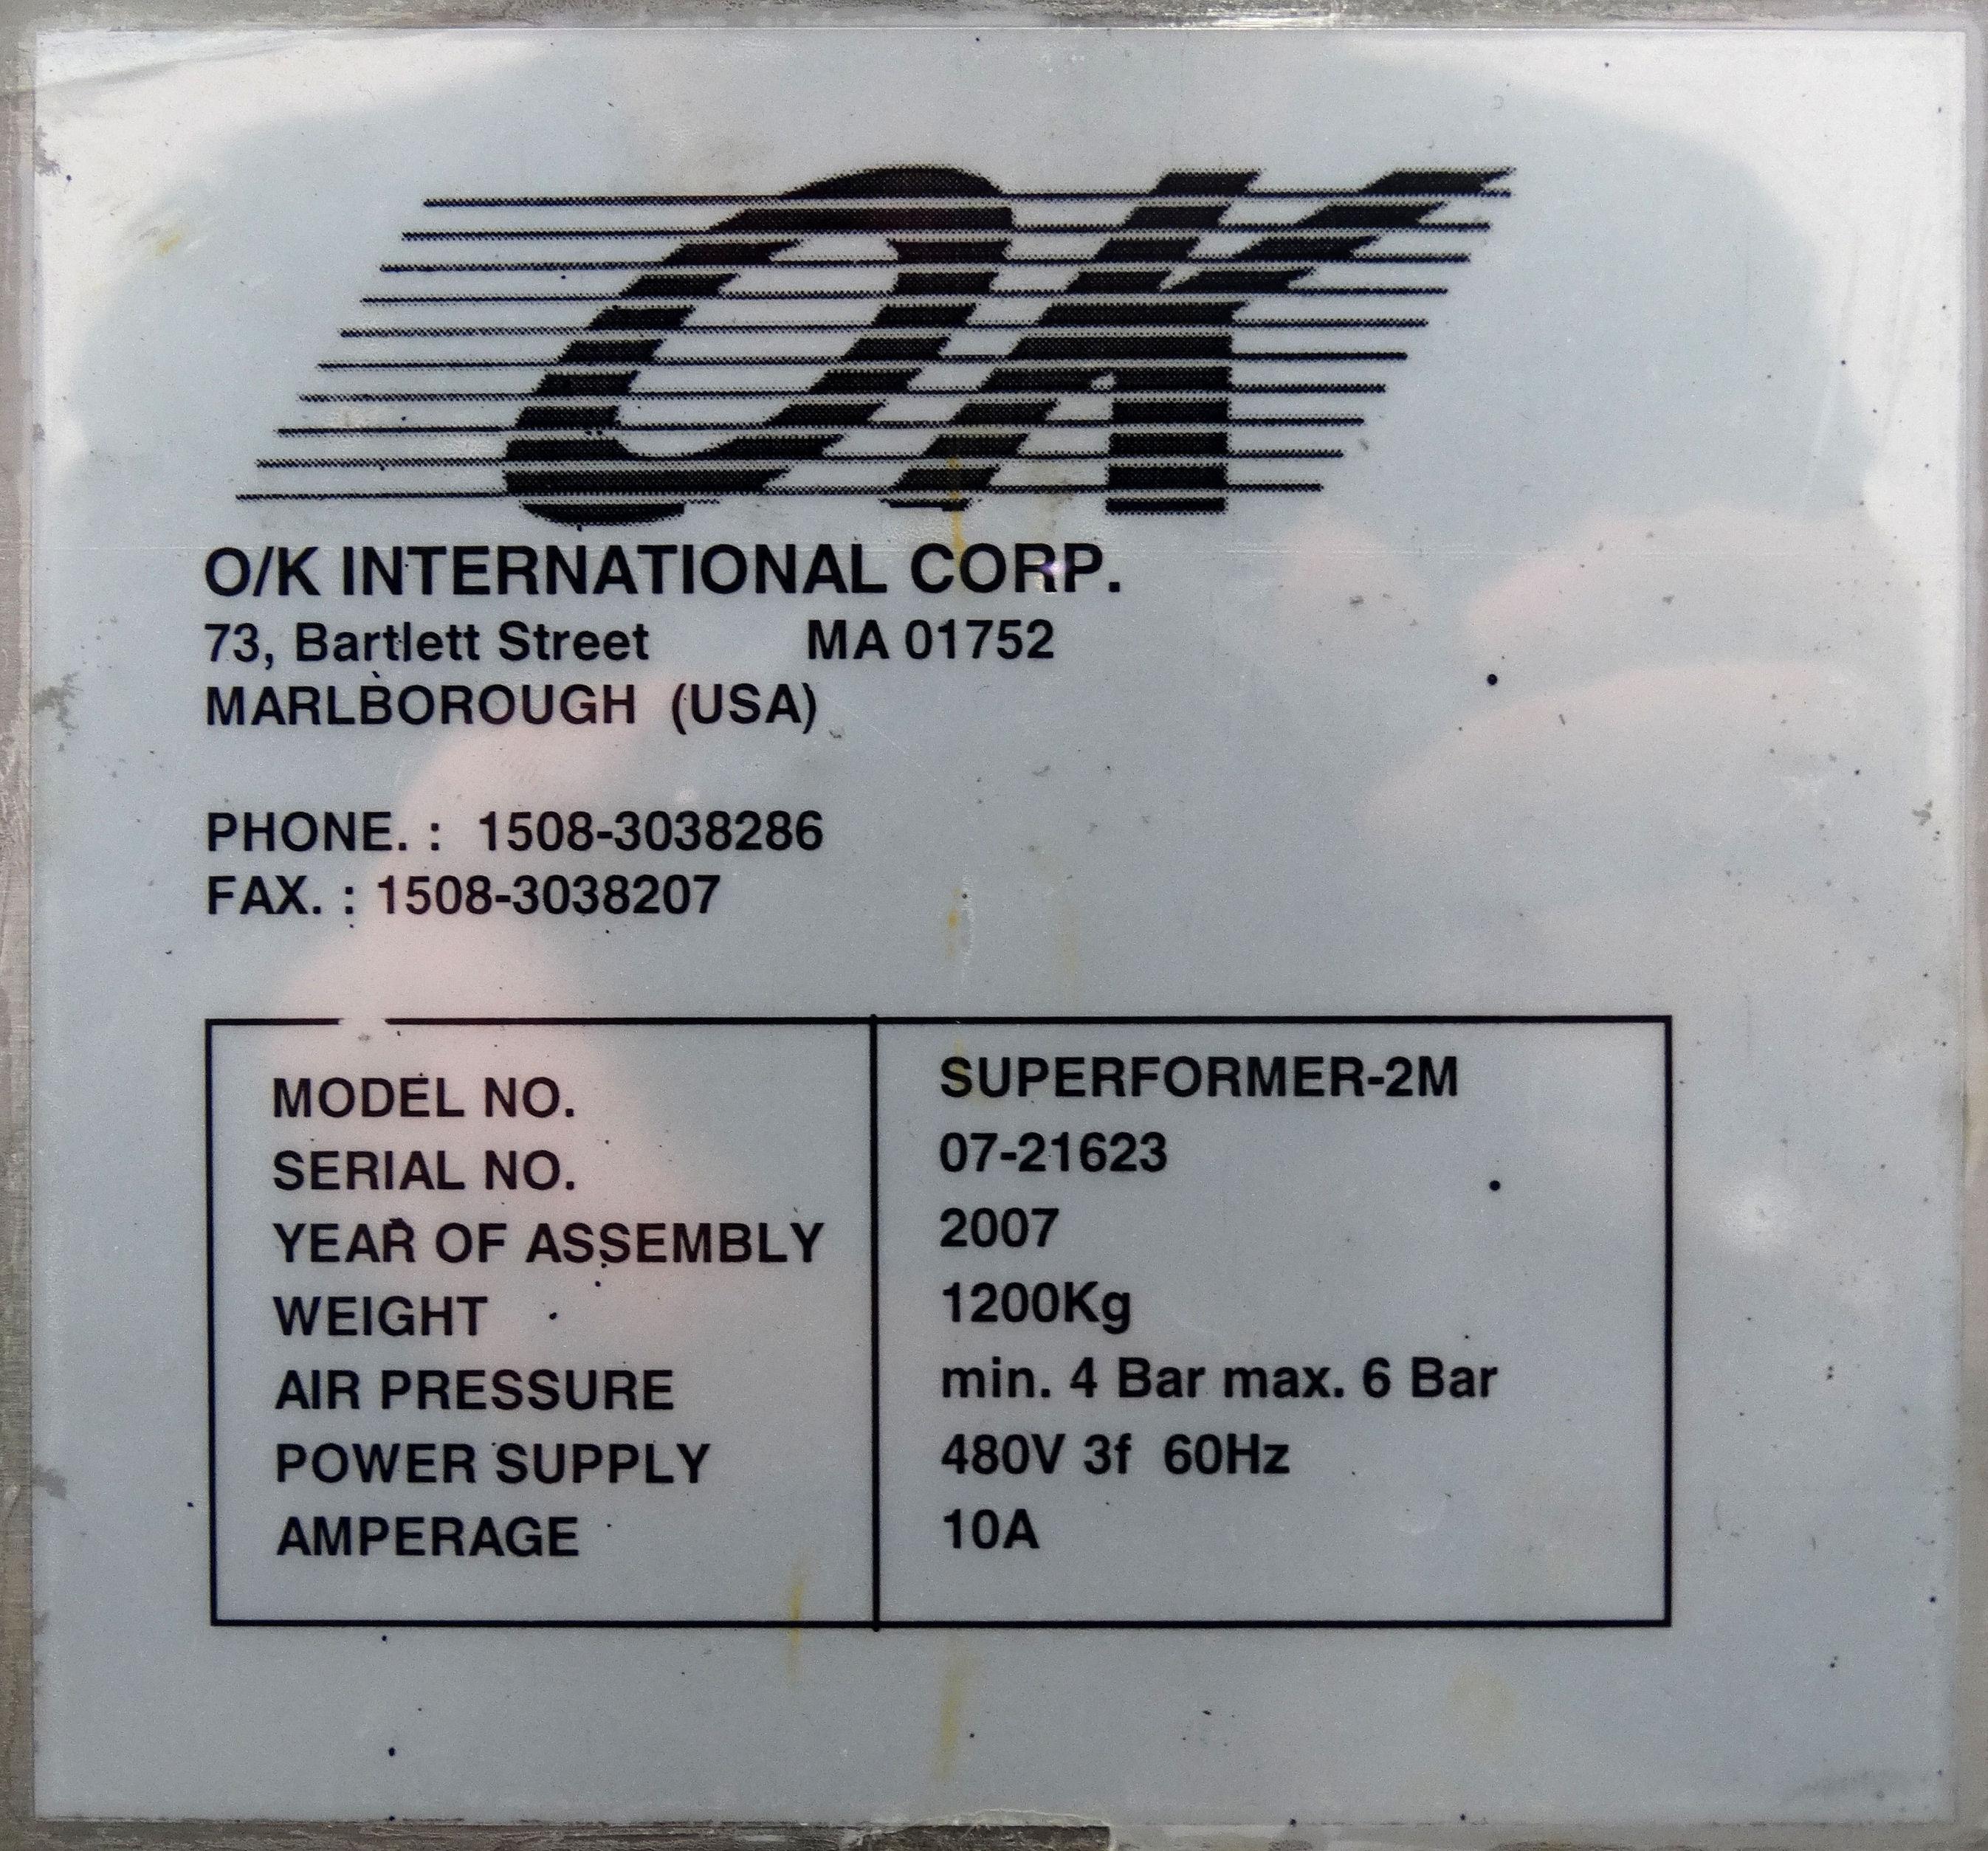 OK International Superformer 2M Case Erector B5007 - Image 16 of 16